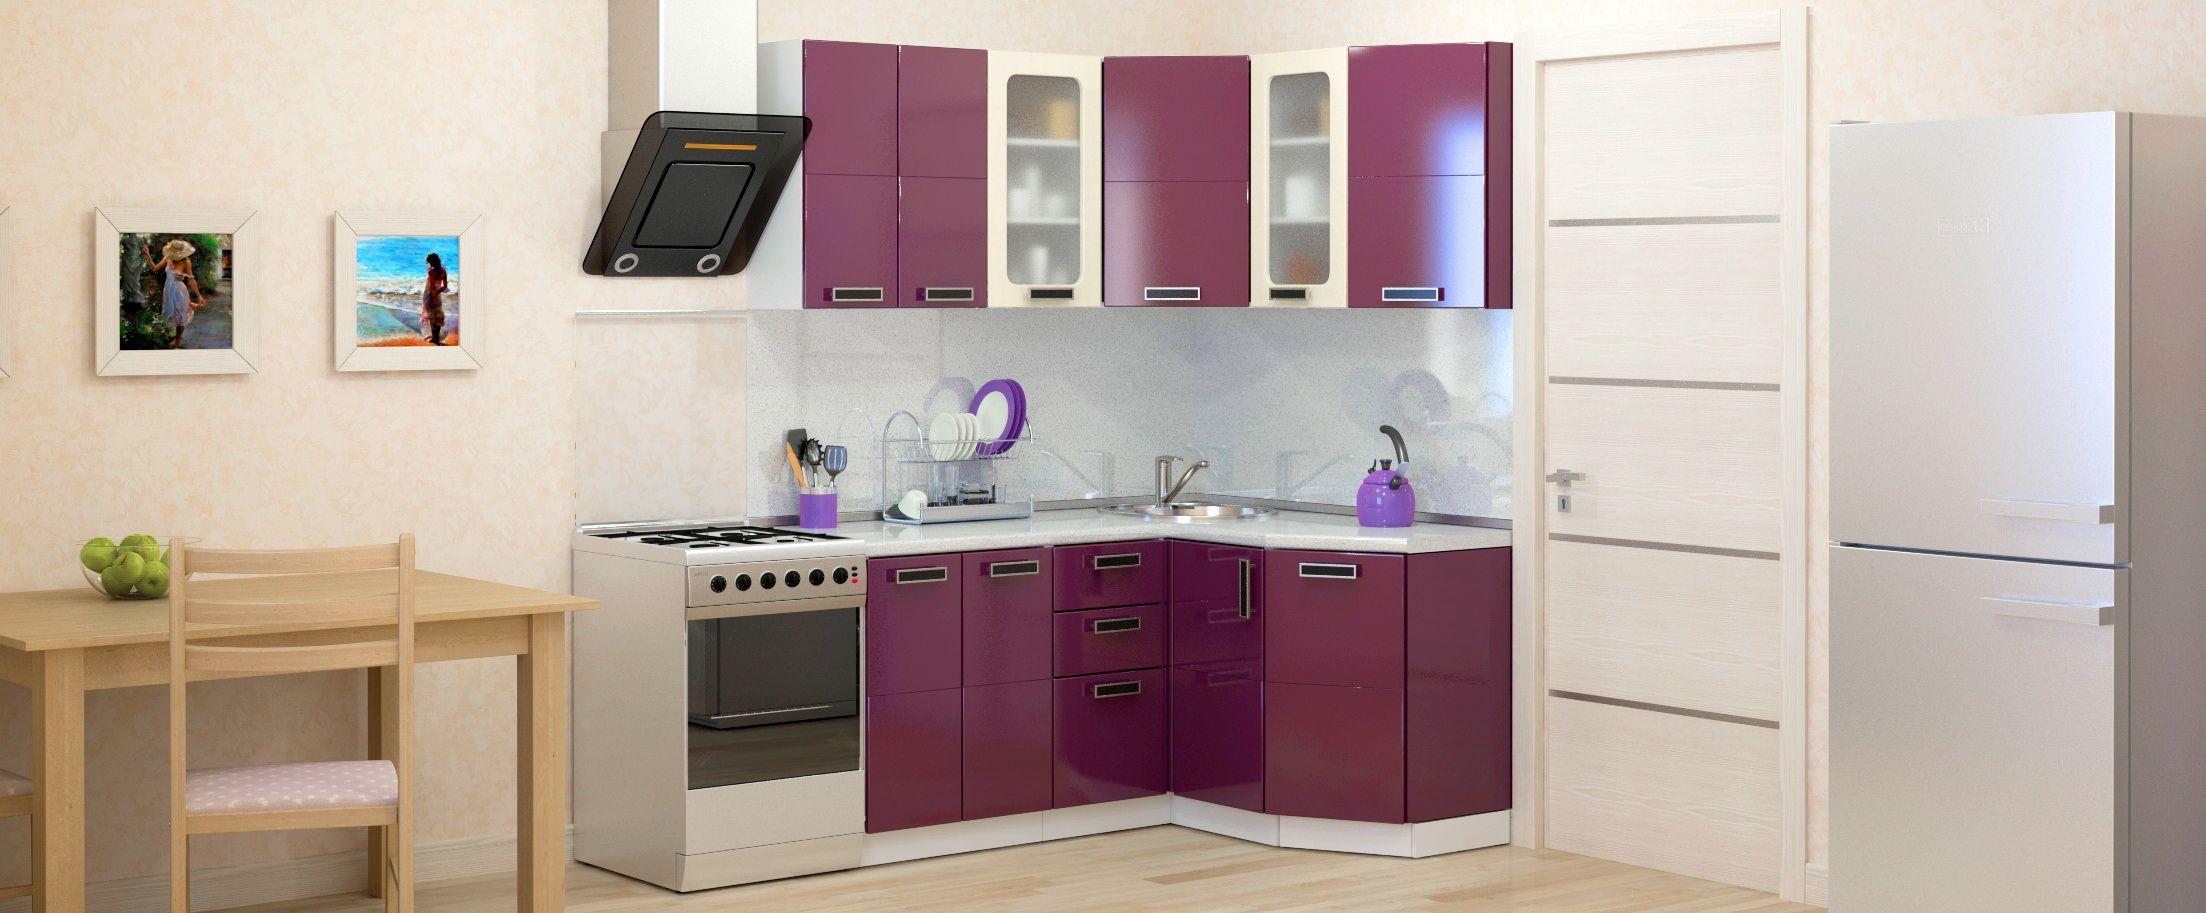 Кухня Баклажан угловая 1,6х1,35 мКупить удобный и практичный набор кухонного гарнитура в интернет магазине MOON-TRADE.RU. Быстрая доставка, вынос упаковки, гарантия! Выгодная покупка!<br>